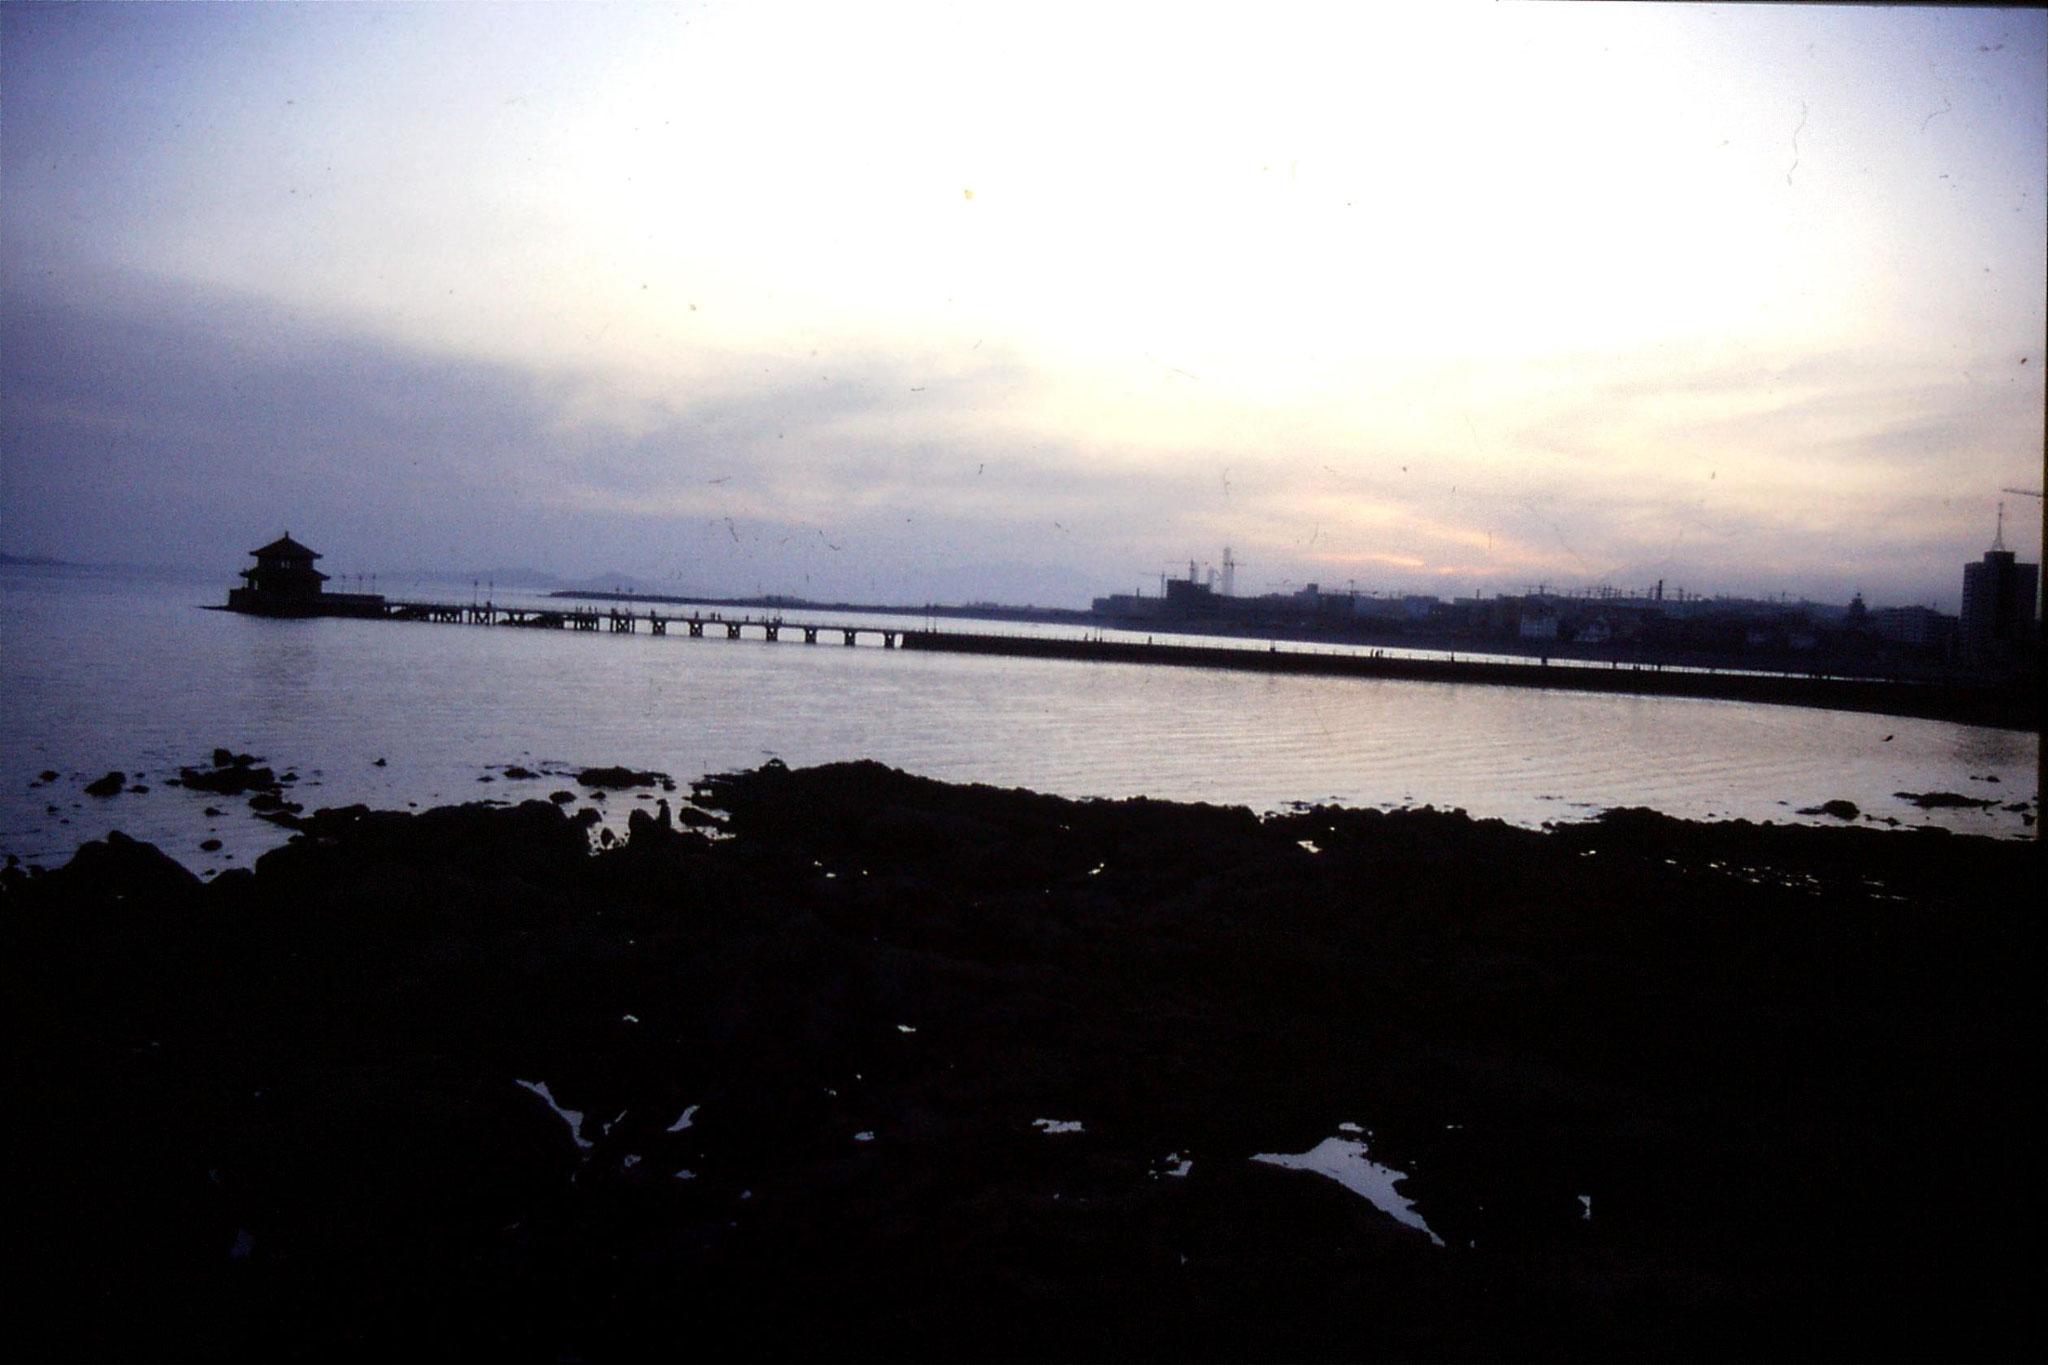 13/2/1989: 35: Qingdao sea front